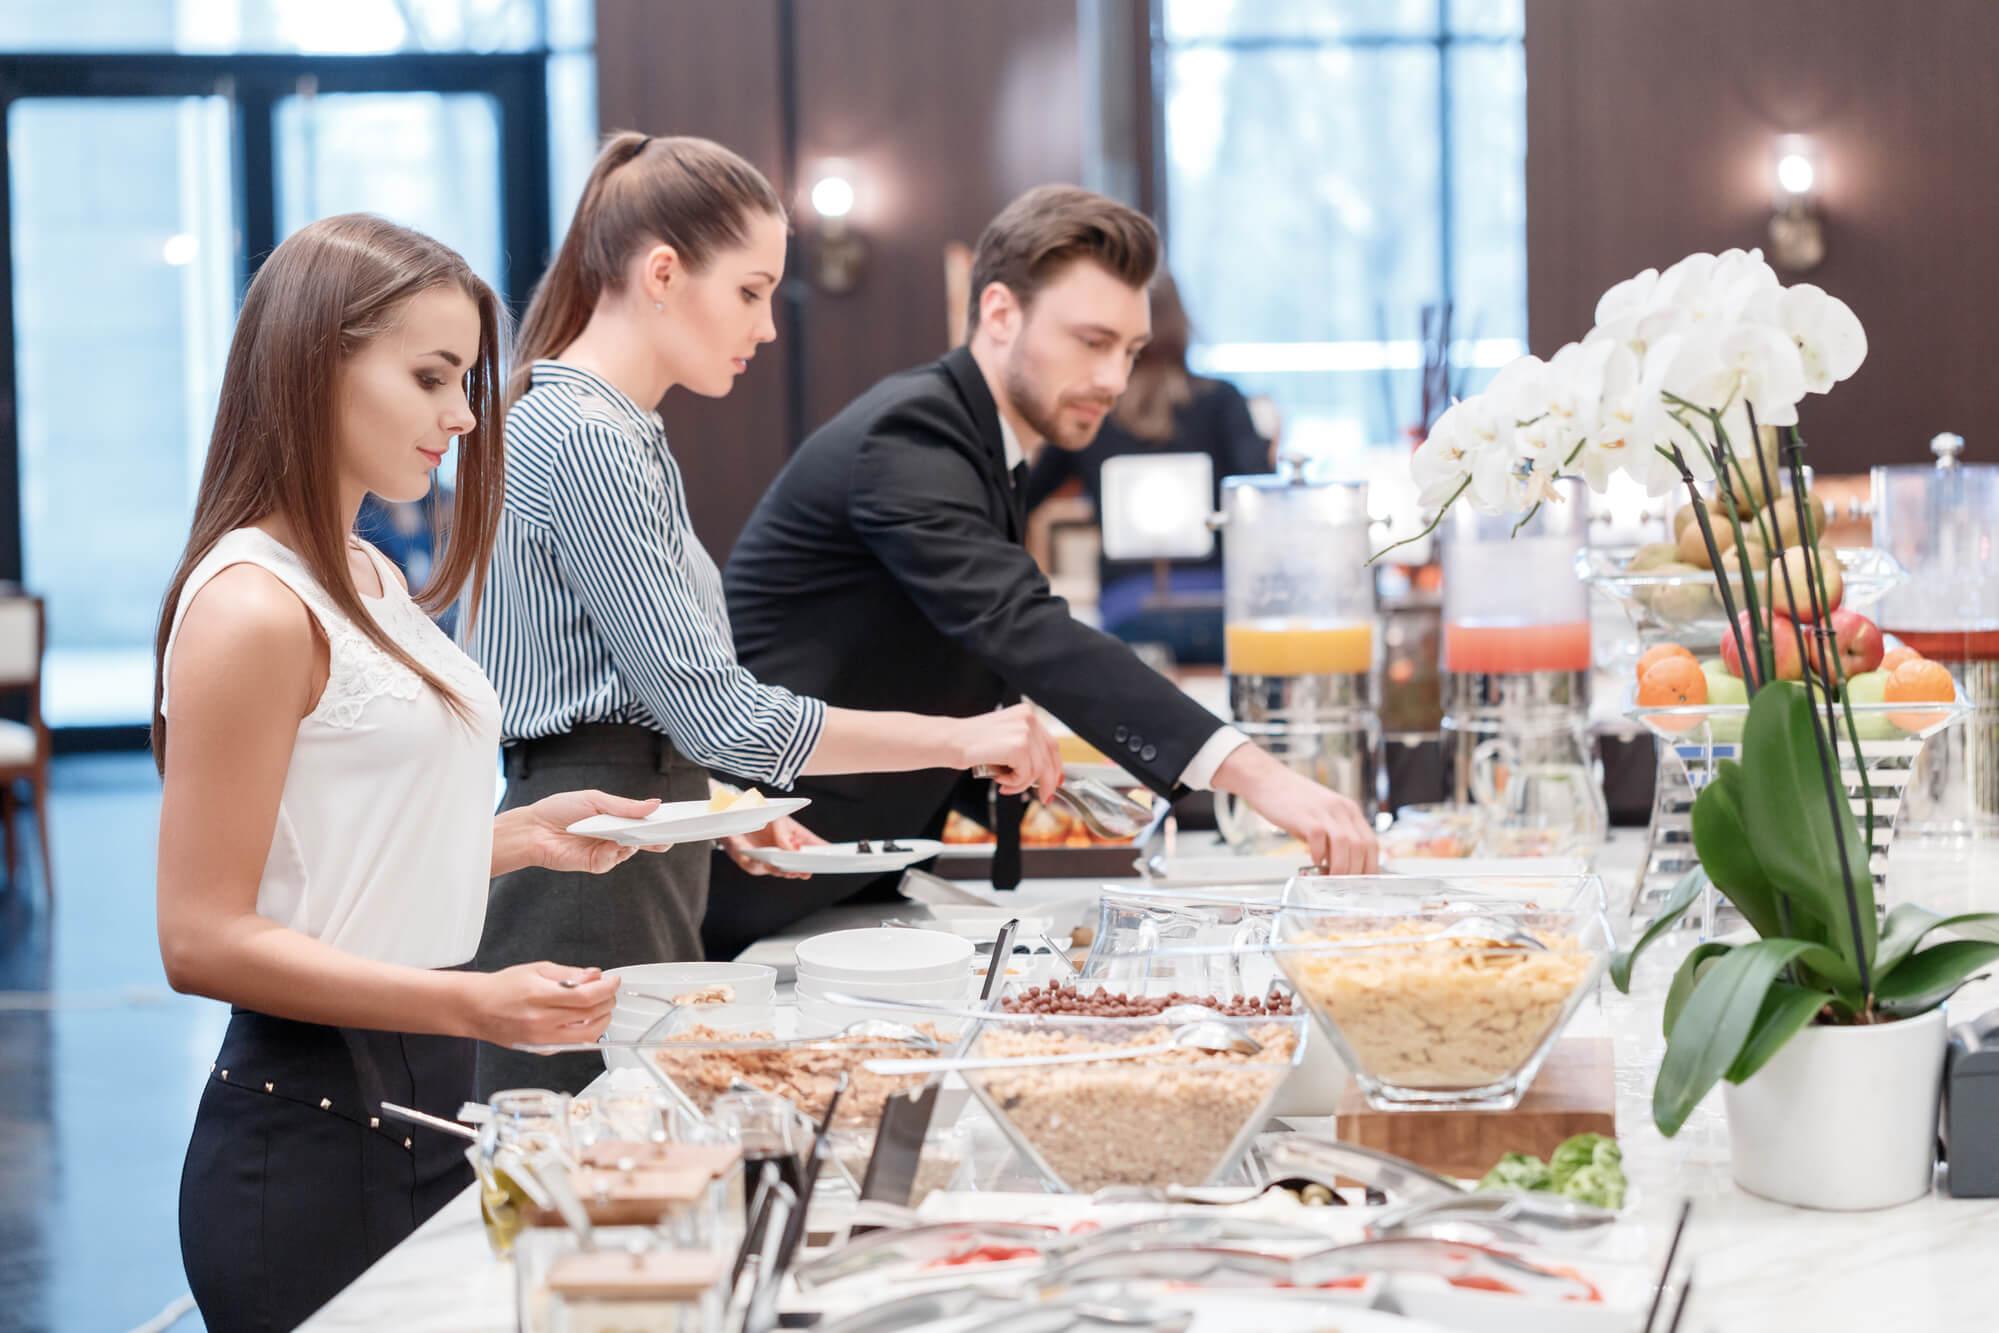 Como escolher o fornecedor ideal de buffet para eventos corporativos?